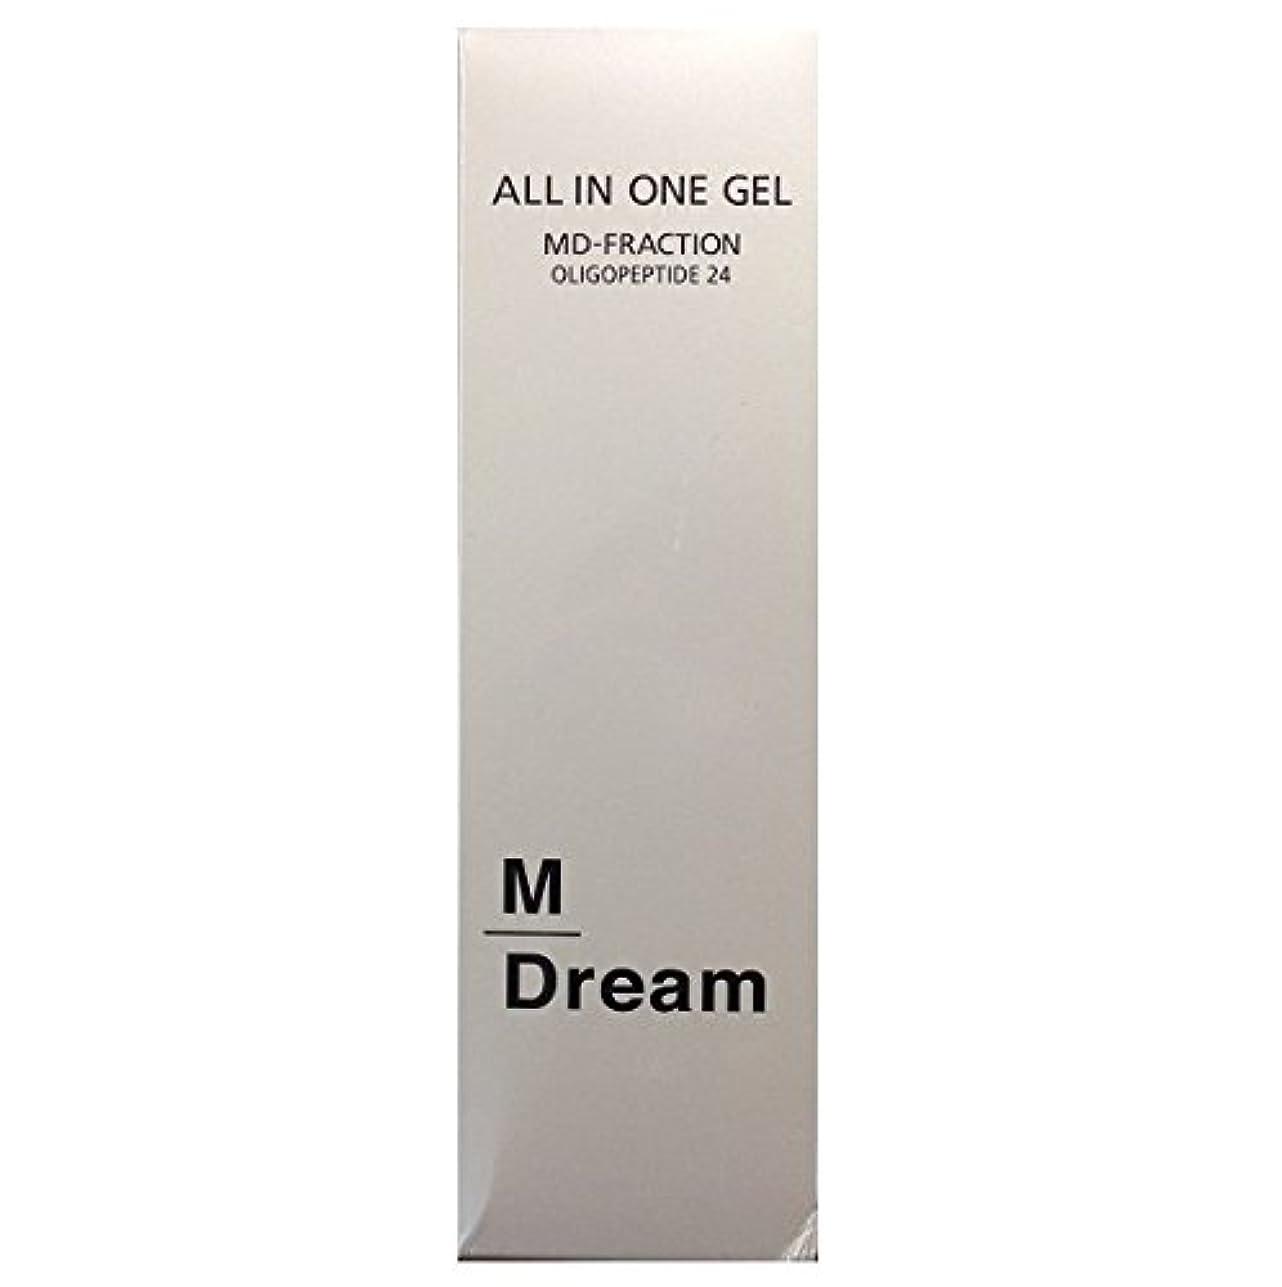 すなわち器具モナリザエムスリー MDオールインワンジェル M Dream